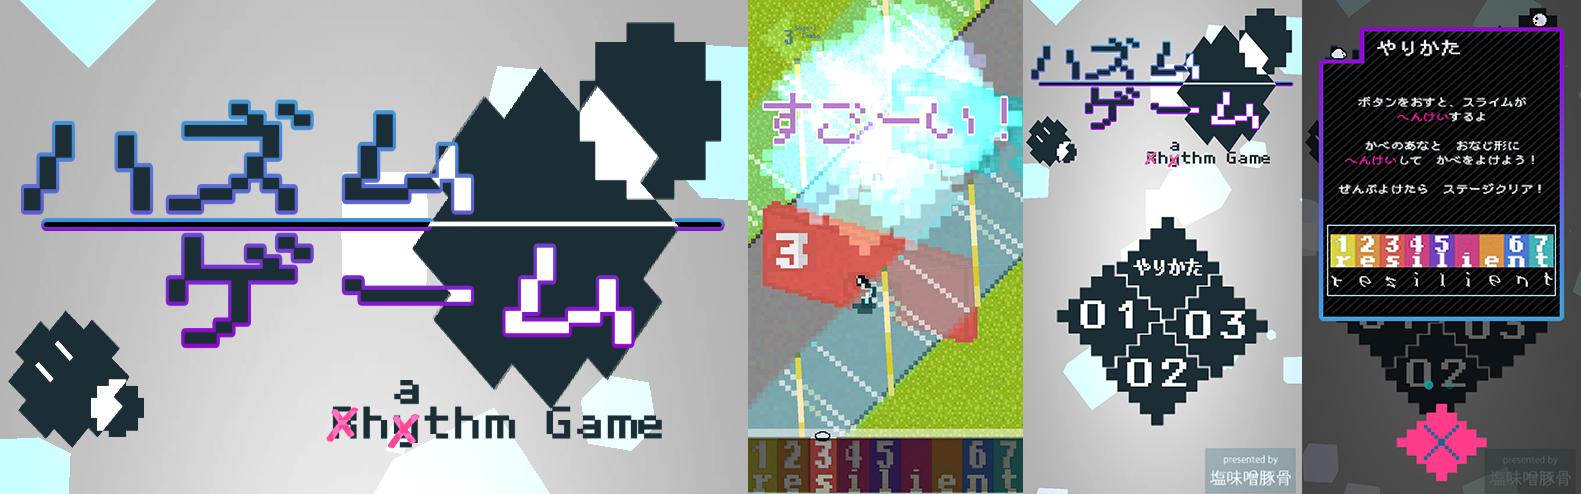 ハズムゲーム-Hathm Game-(For Unity)